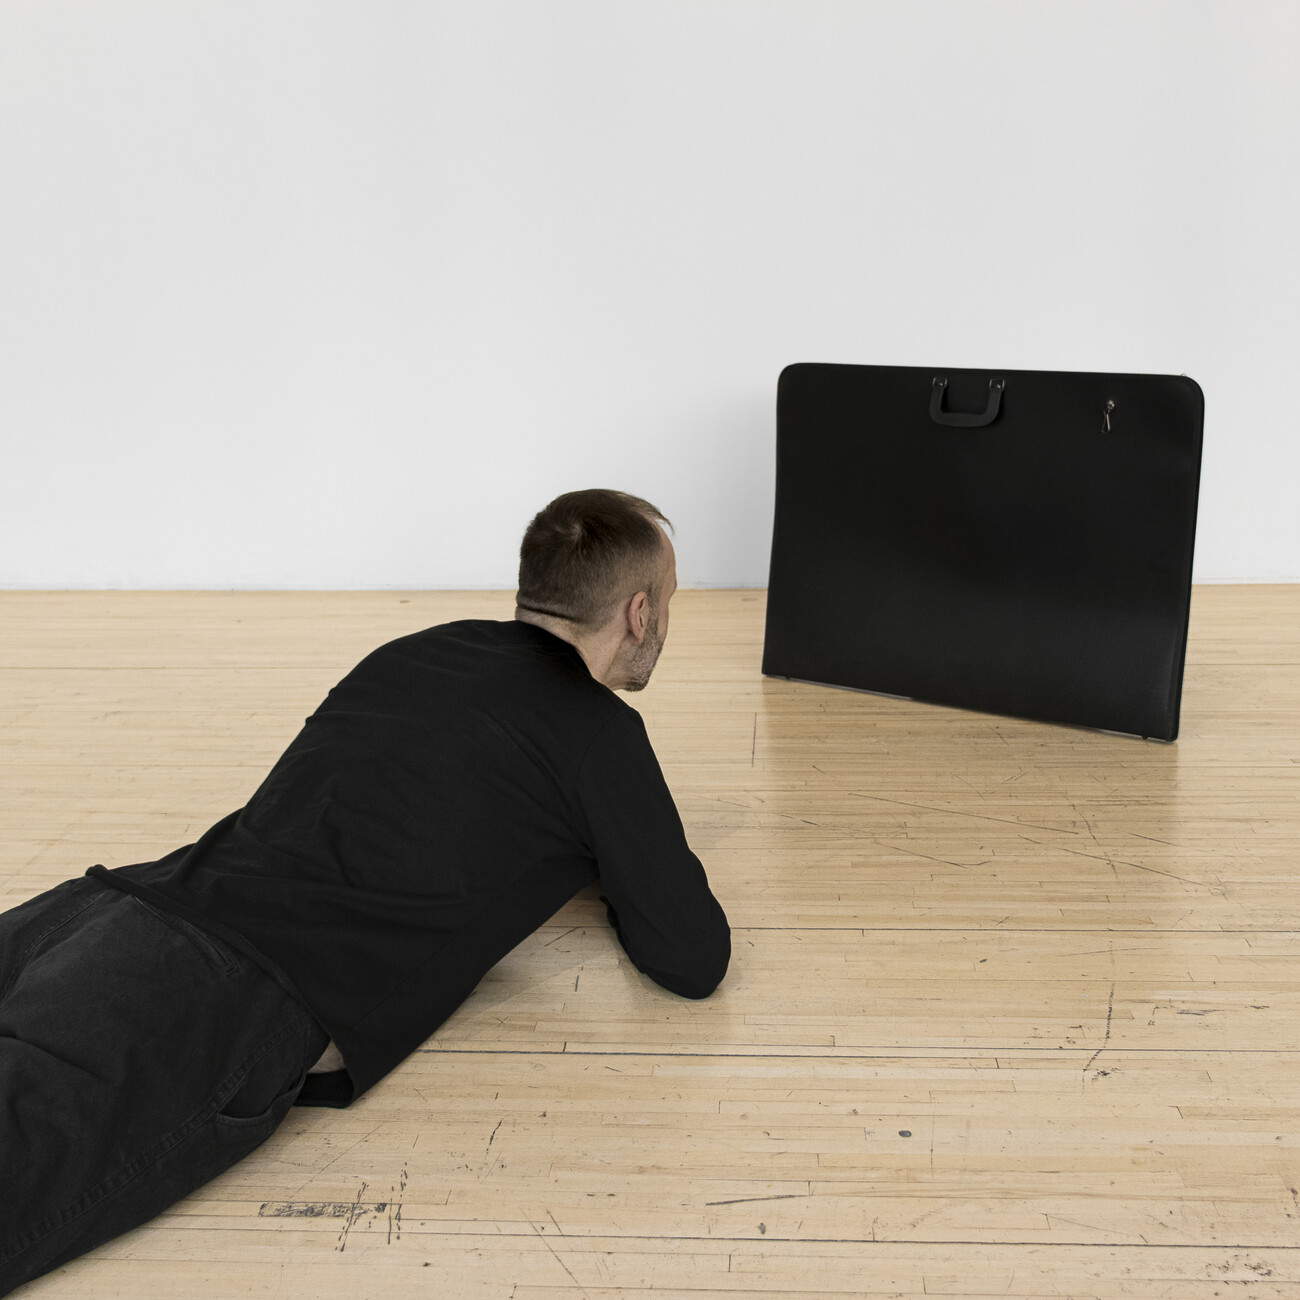 Steve Giasson. Performance invisible n° 170 (Se méfier des images). Enactment de WilliamWegman. Portable TV. 1971/1992. Performeur : Steve Giasson. Crédit photographique : Martin Vinette. AXENÉO7, Gatineau. 4 novembre 2019.